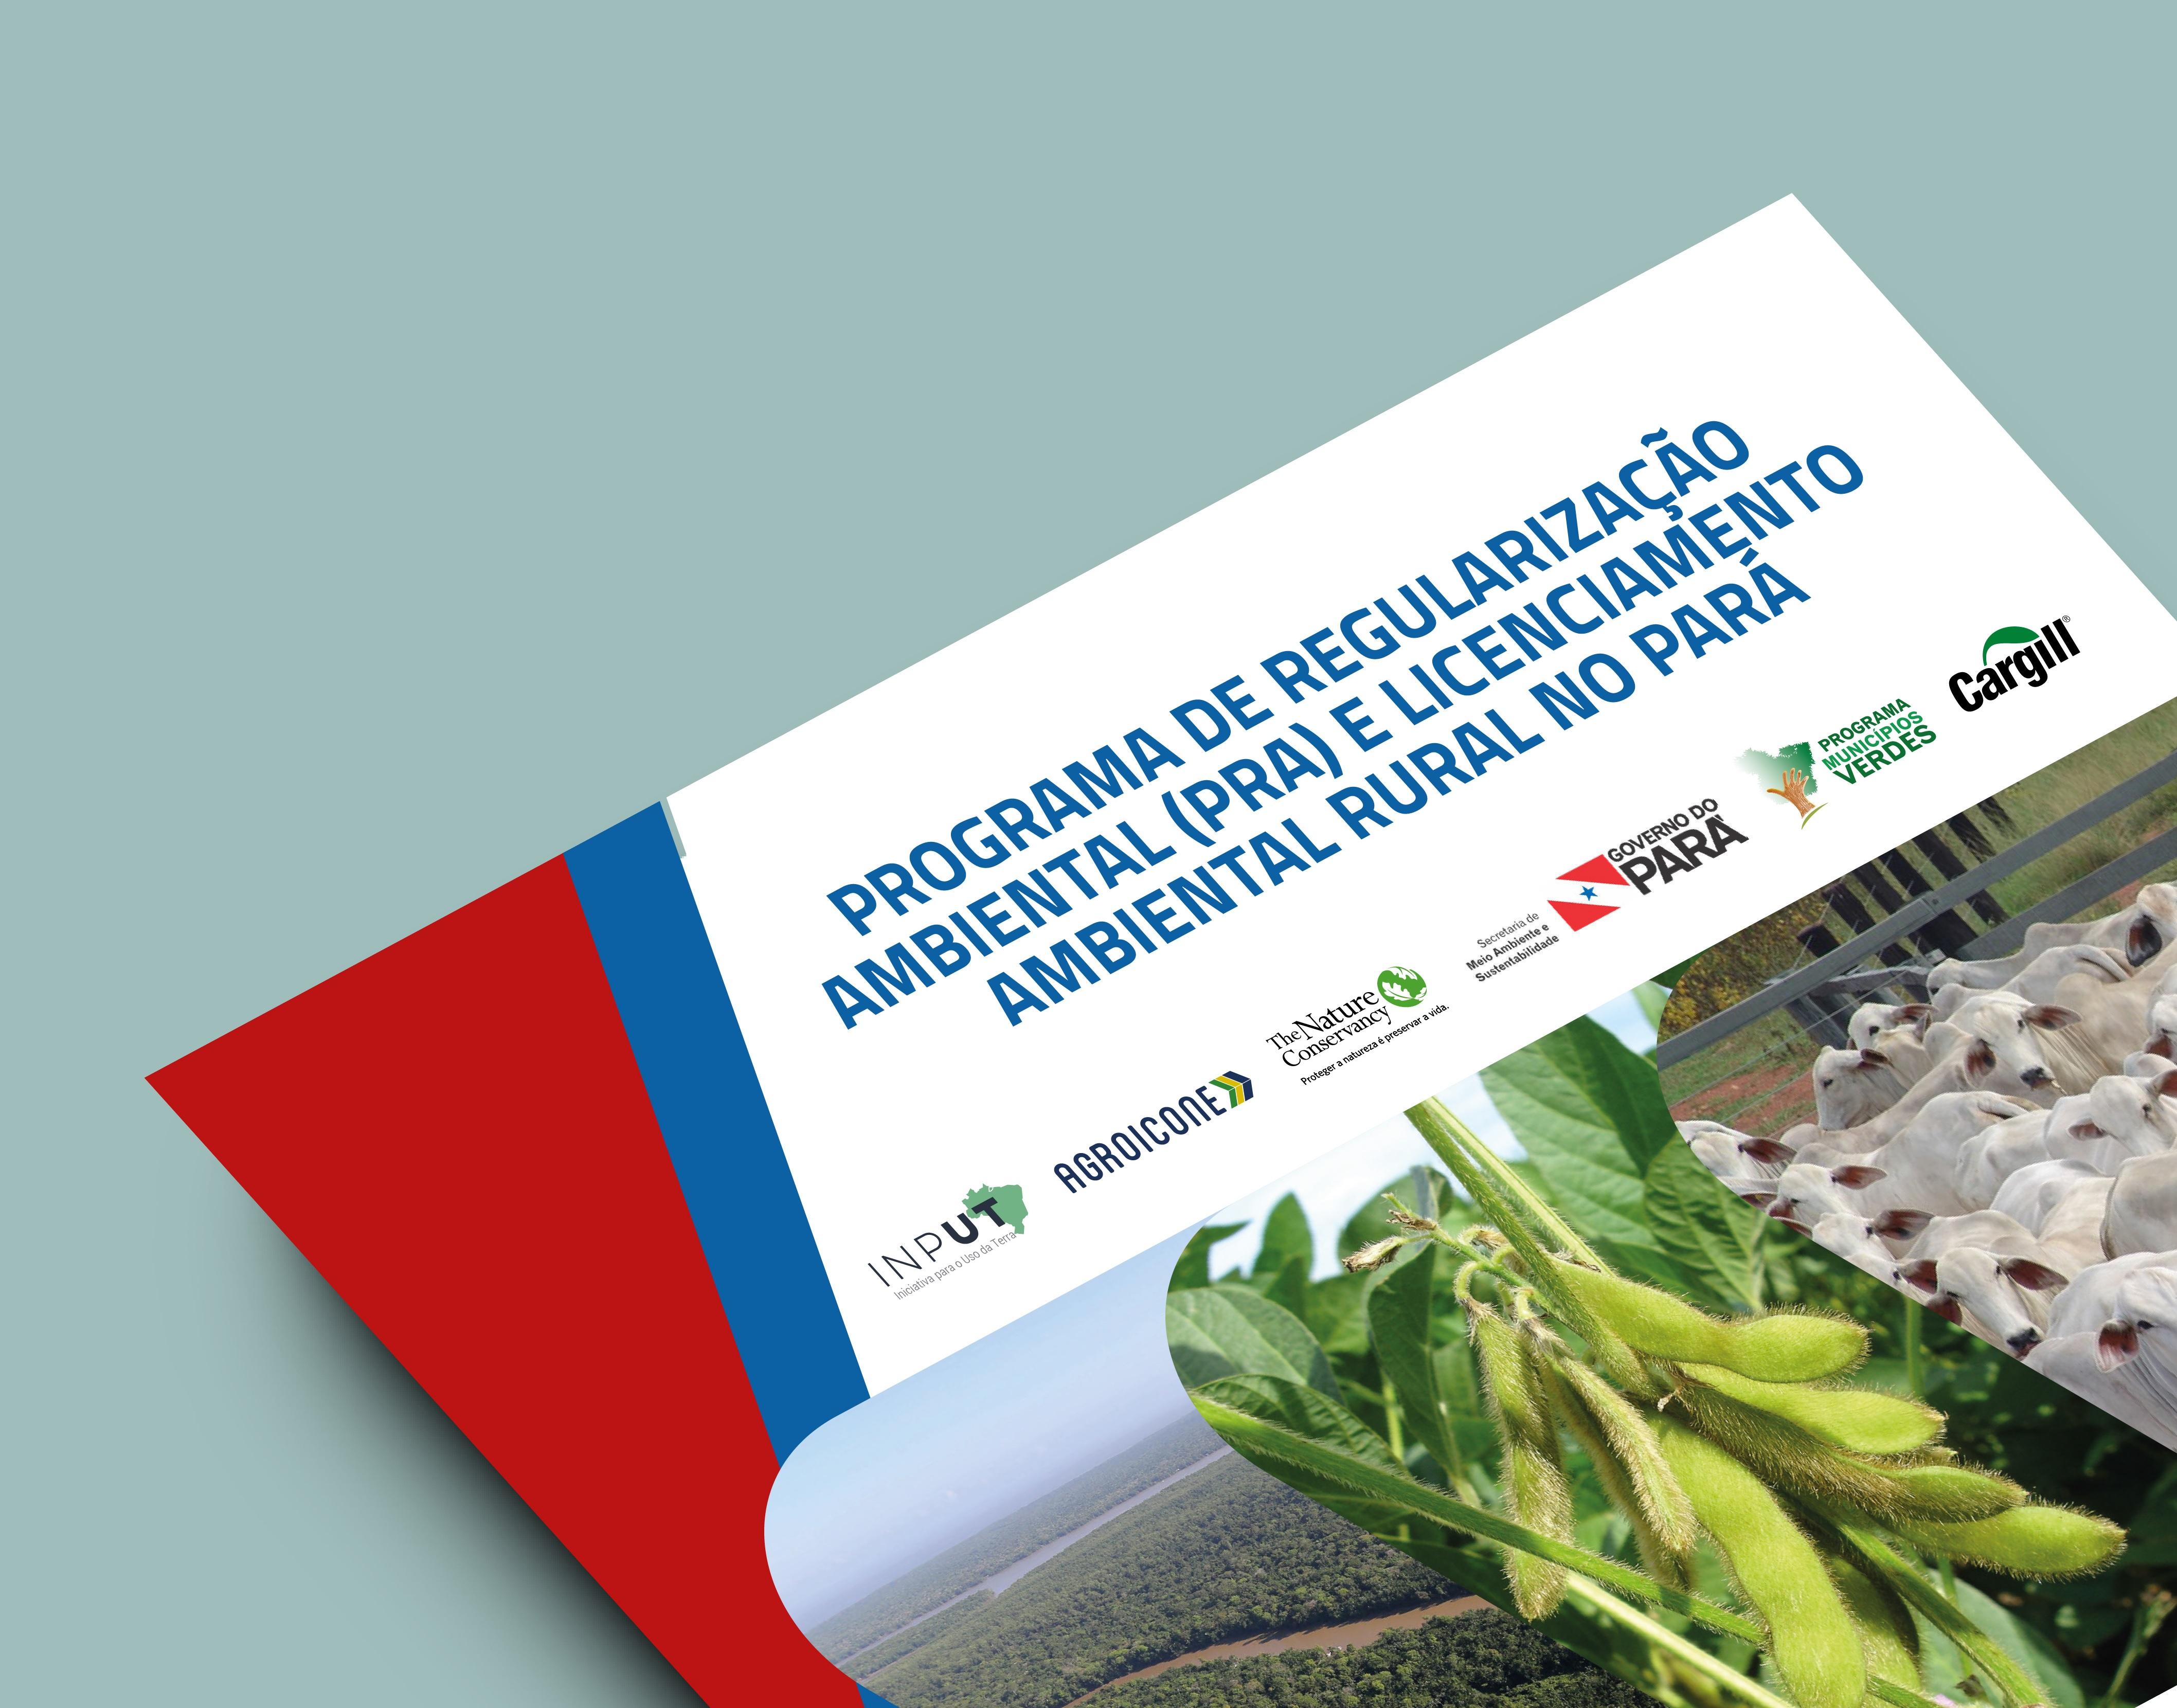 Guia do programa de regularização ambiental (pra) e licenciamento ambiental rural (lar) do pará é lançado em belém (pa)